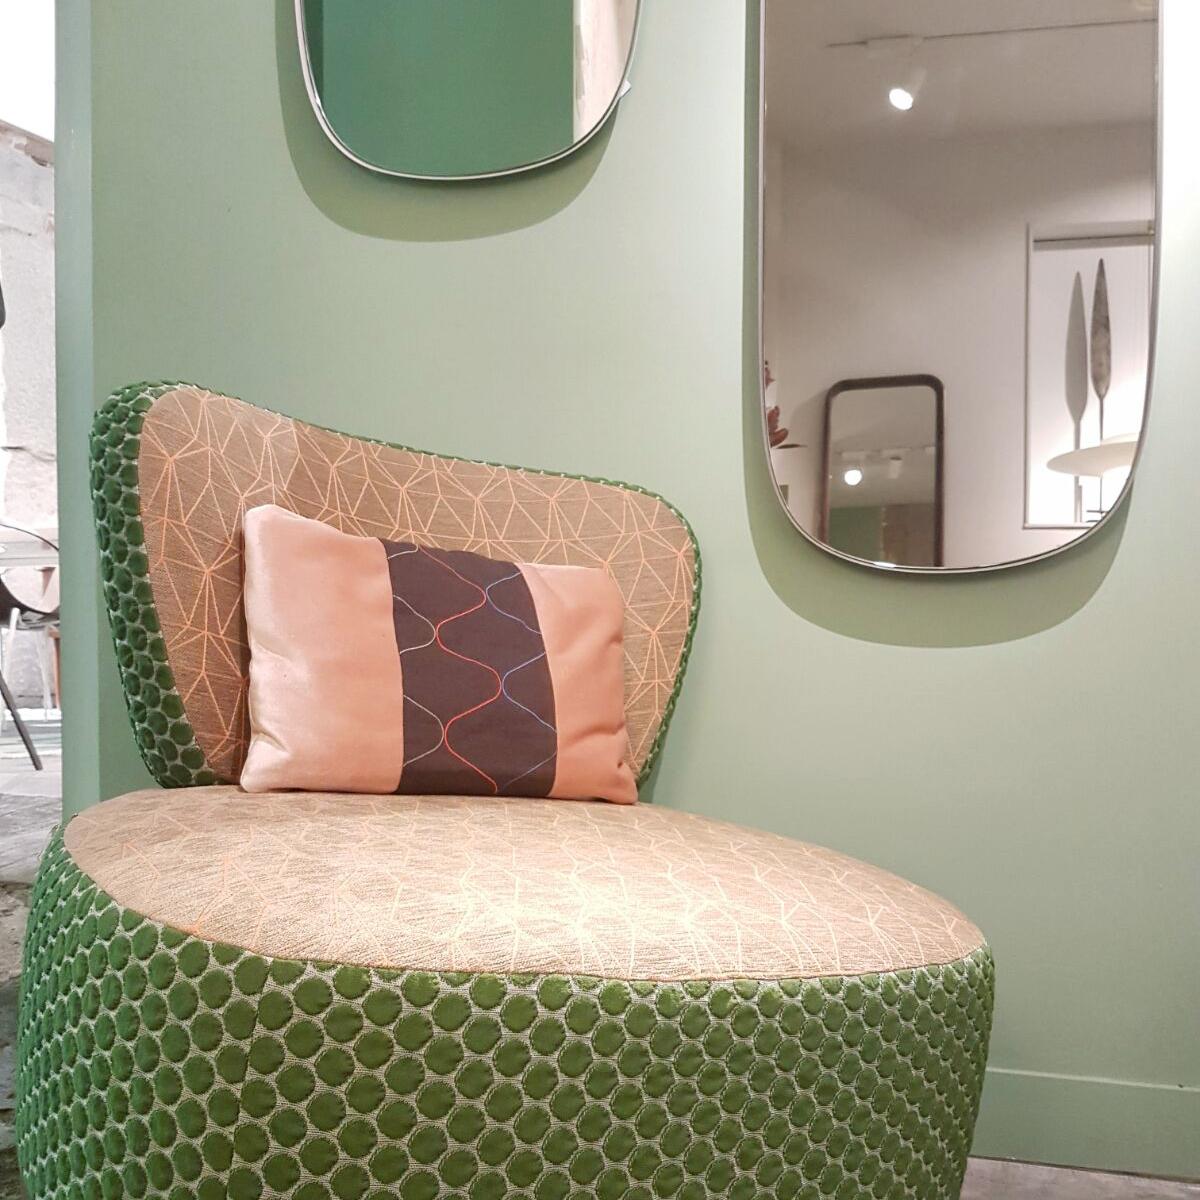 Butacas modernas para un dormitorio elegante blog de muebles y decoraci n - Butacas para dormitorios ...